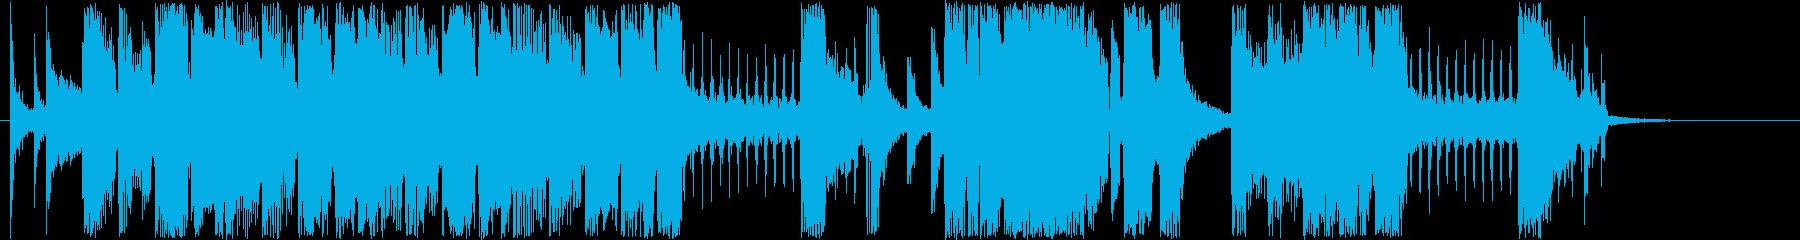 はじける印象シンセサイザーなどの音短めの再生済みの波形